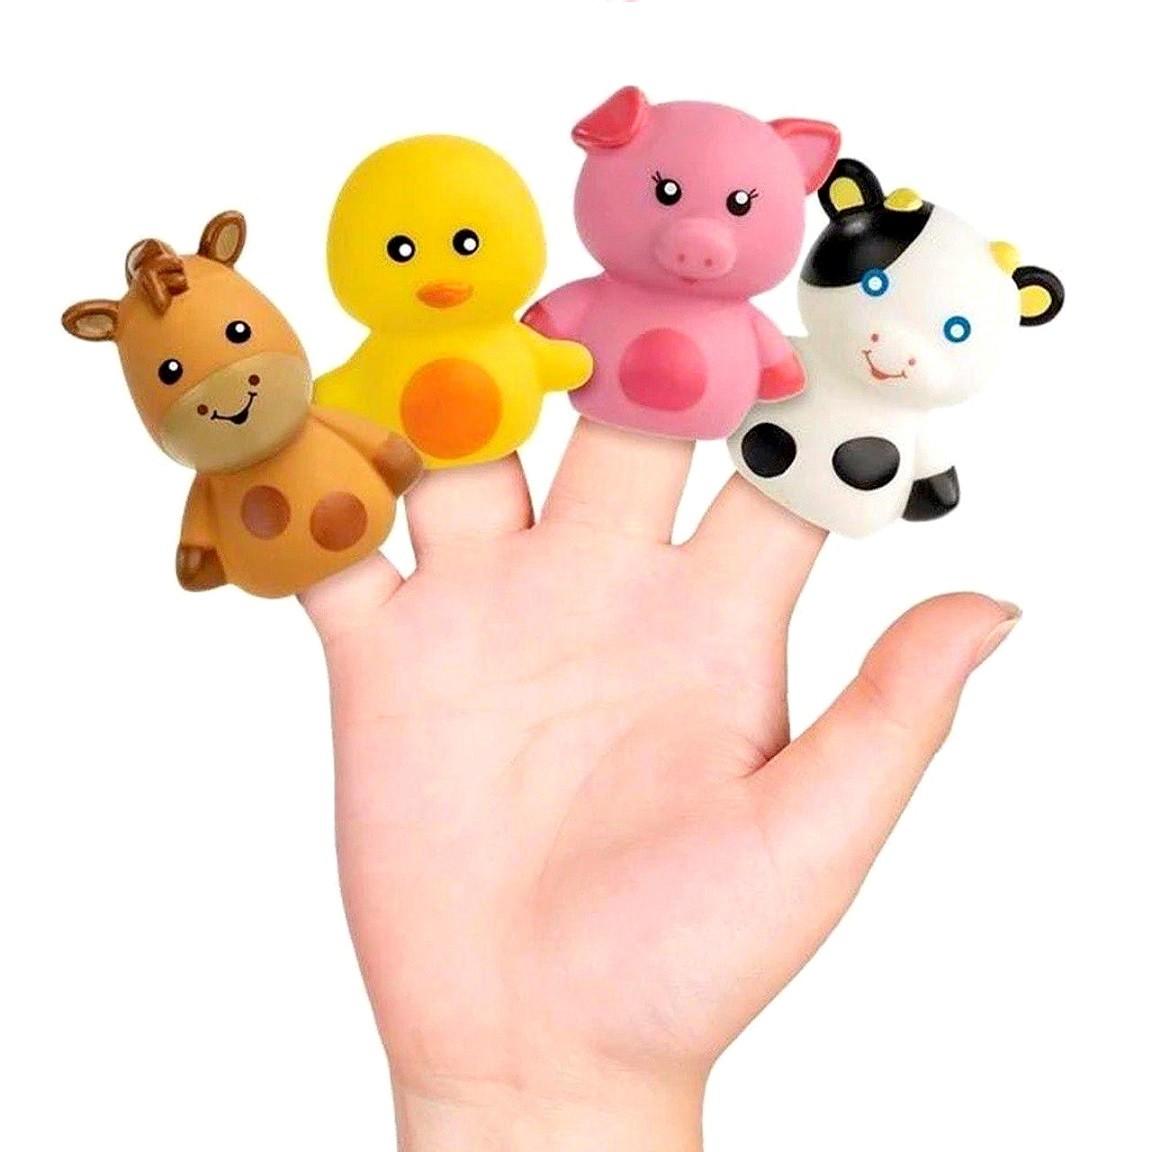 Dedoche Fantoche de Dedos Brinquedo Bebe Teatrinho de dedos Fazenda